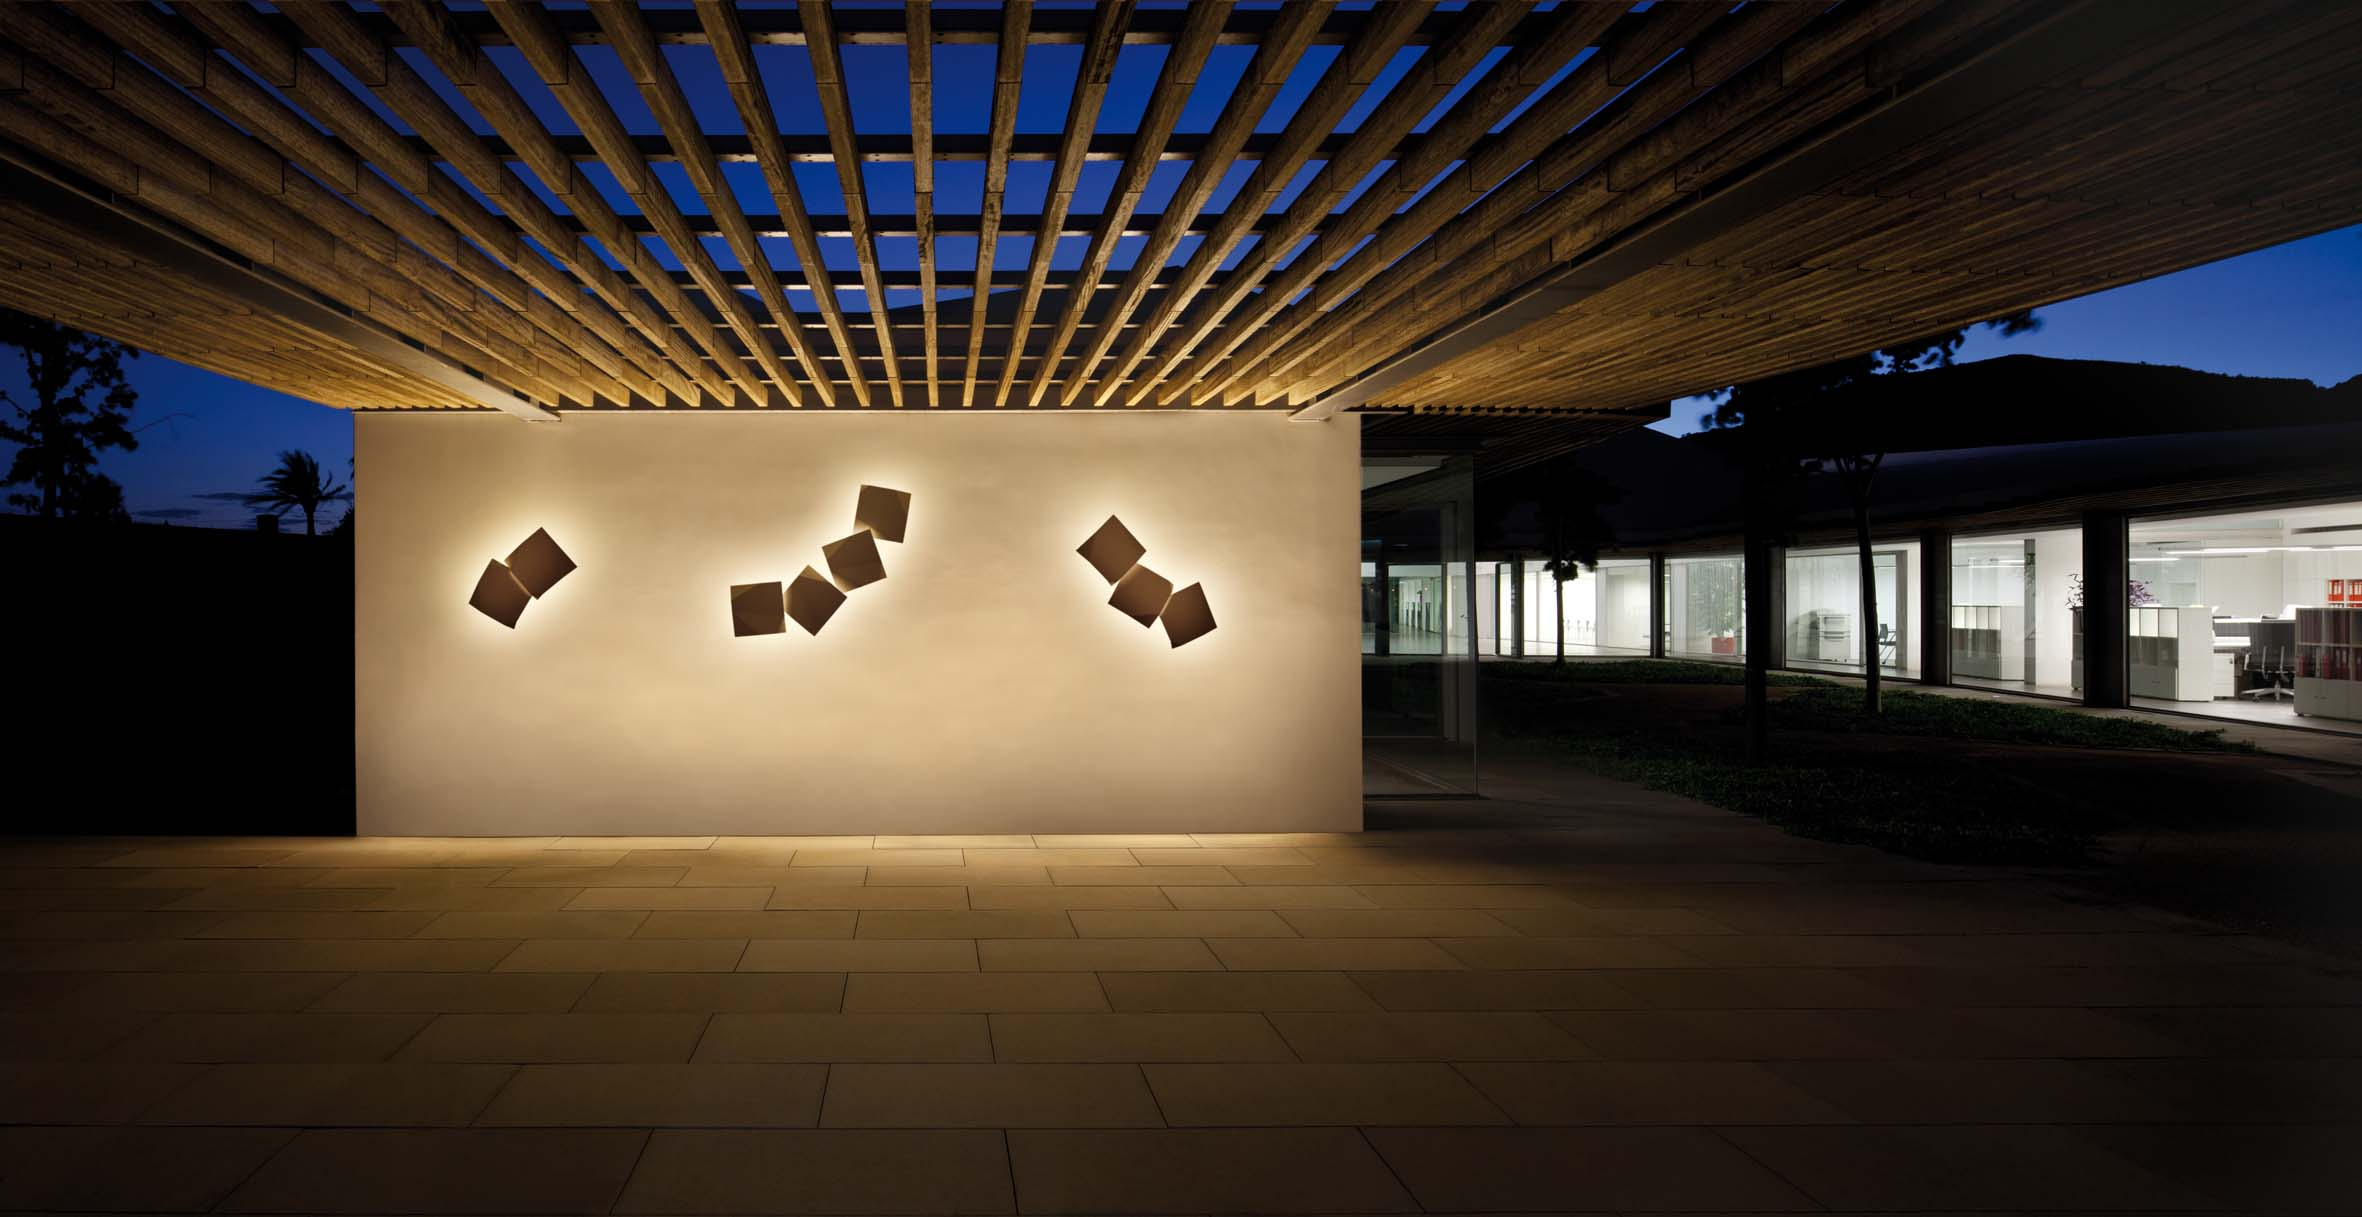 Iluminaci n de dise o decorativa y moderna gunni trentino Iluminacion decorativa para exteriores